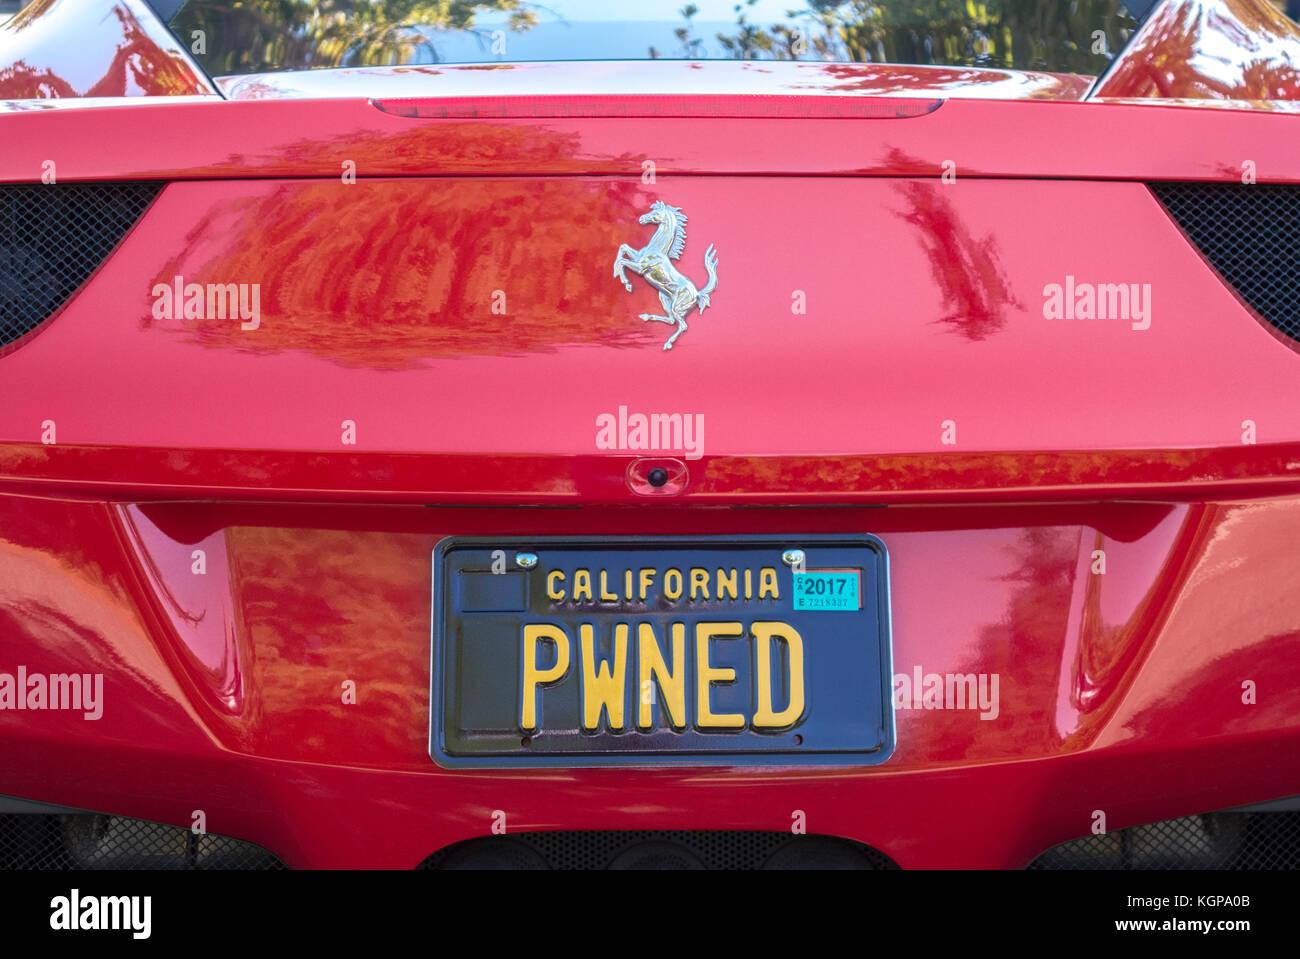 Rojo Ferrari 458 Italia con internet hablan / argot palabra PWNED en la placa de matrícula personalizada en Imagen De Stock